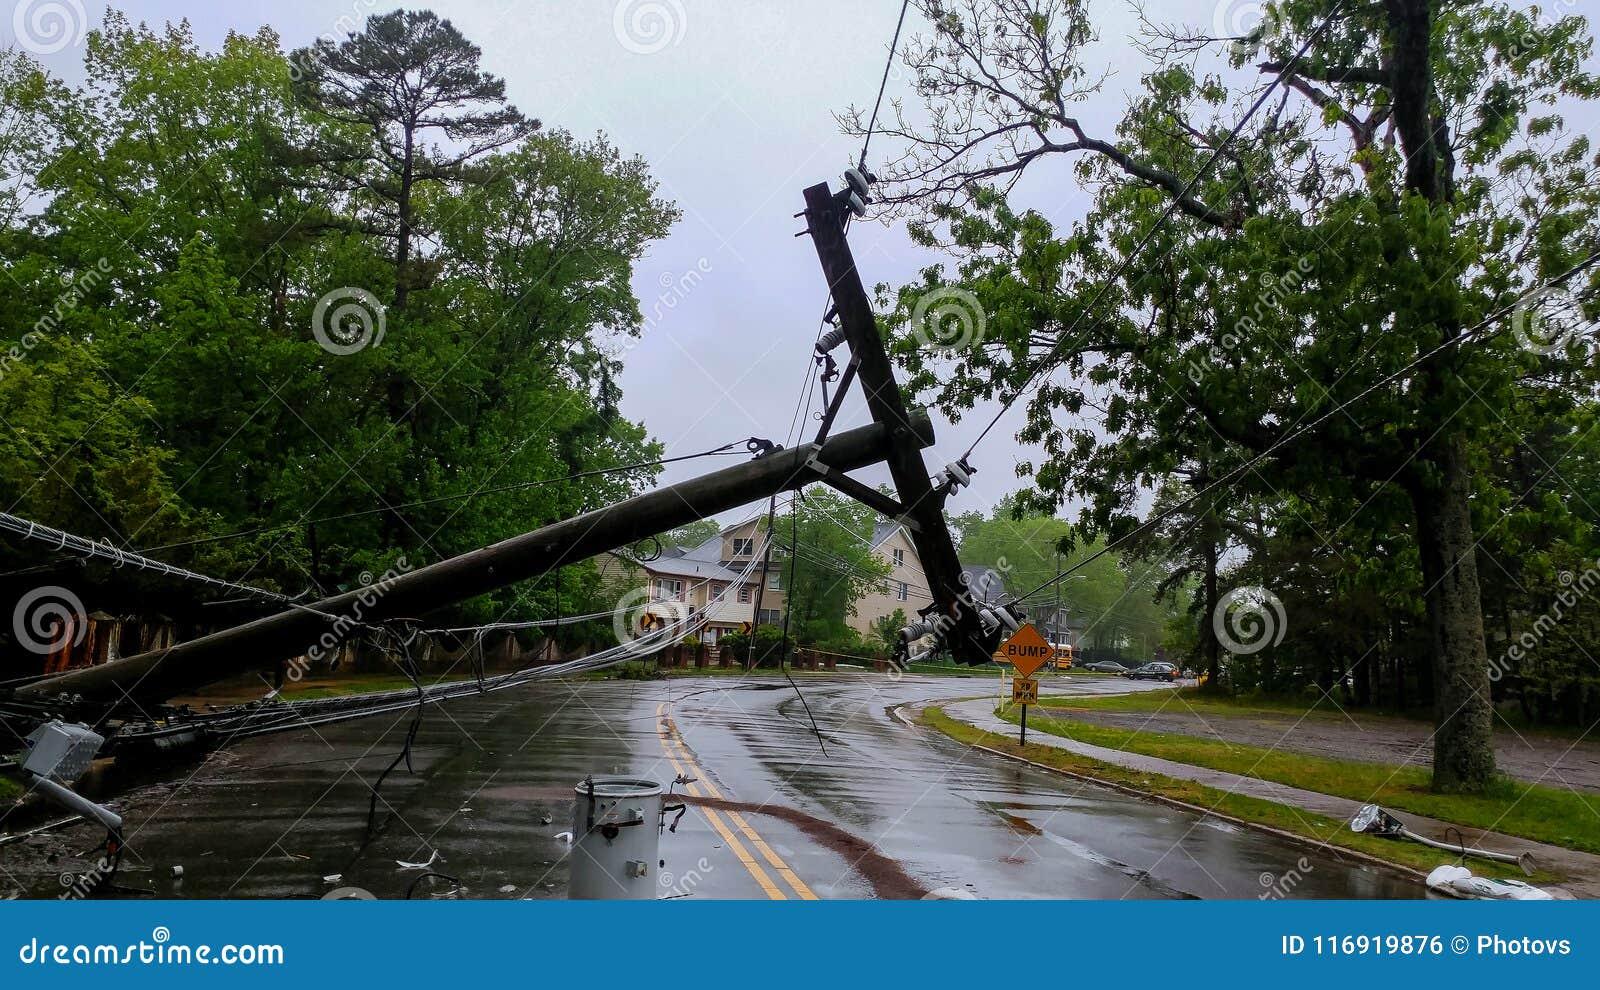 трансформатор на поляке и дереве кладя через линии электропередач над дорогой после урагана двинул поперек